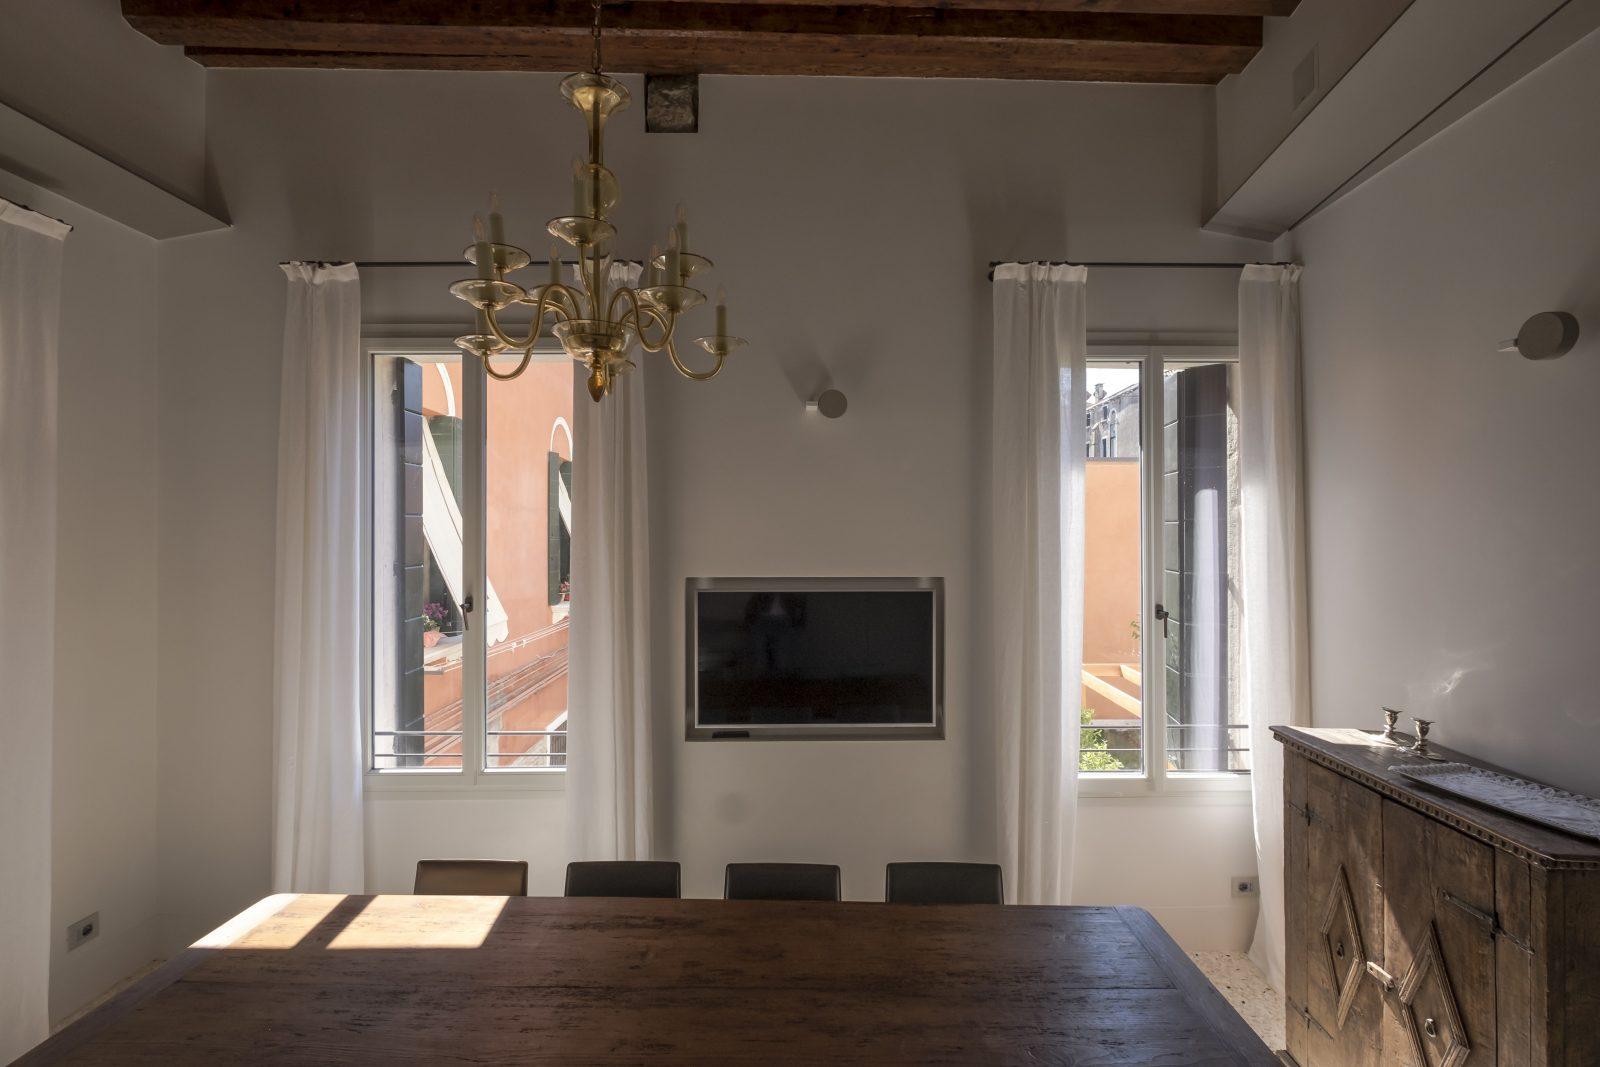 tavolo-cucina-appartamento-zenzero-legno-pregiato-schermo-tv-finestre-lampadario-vetro-murano-venezia-palazzo-morosini